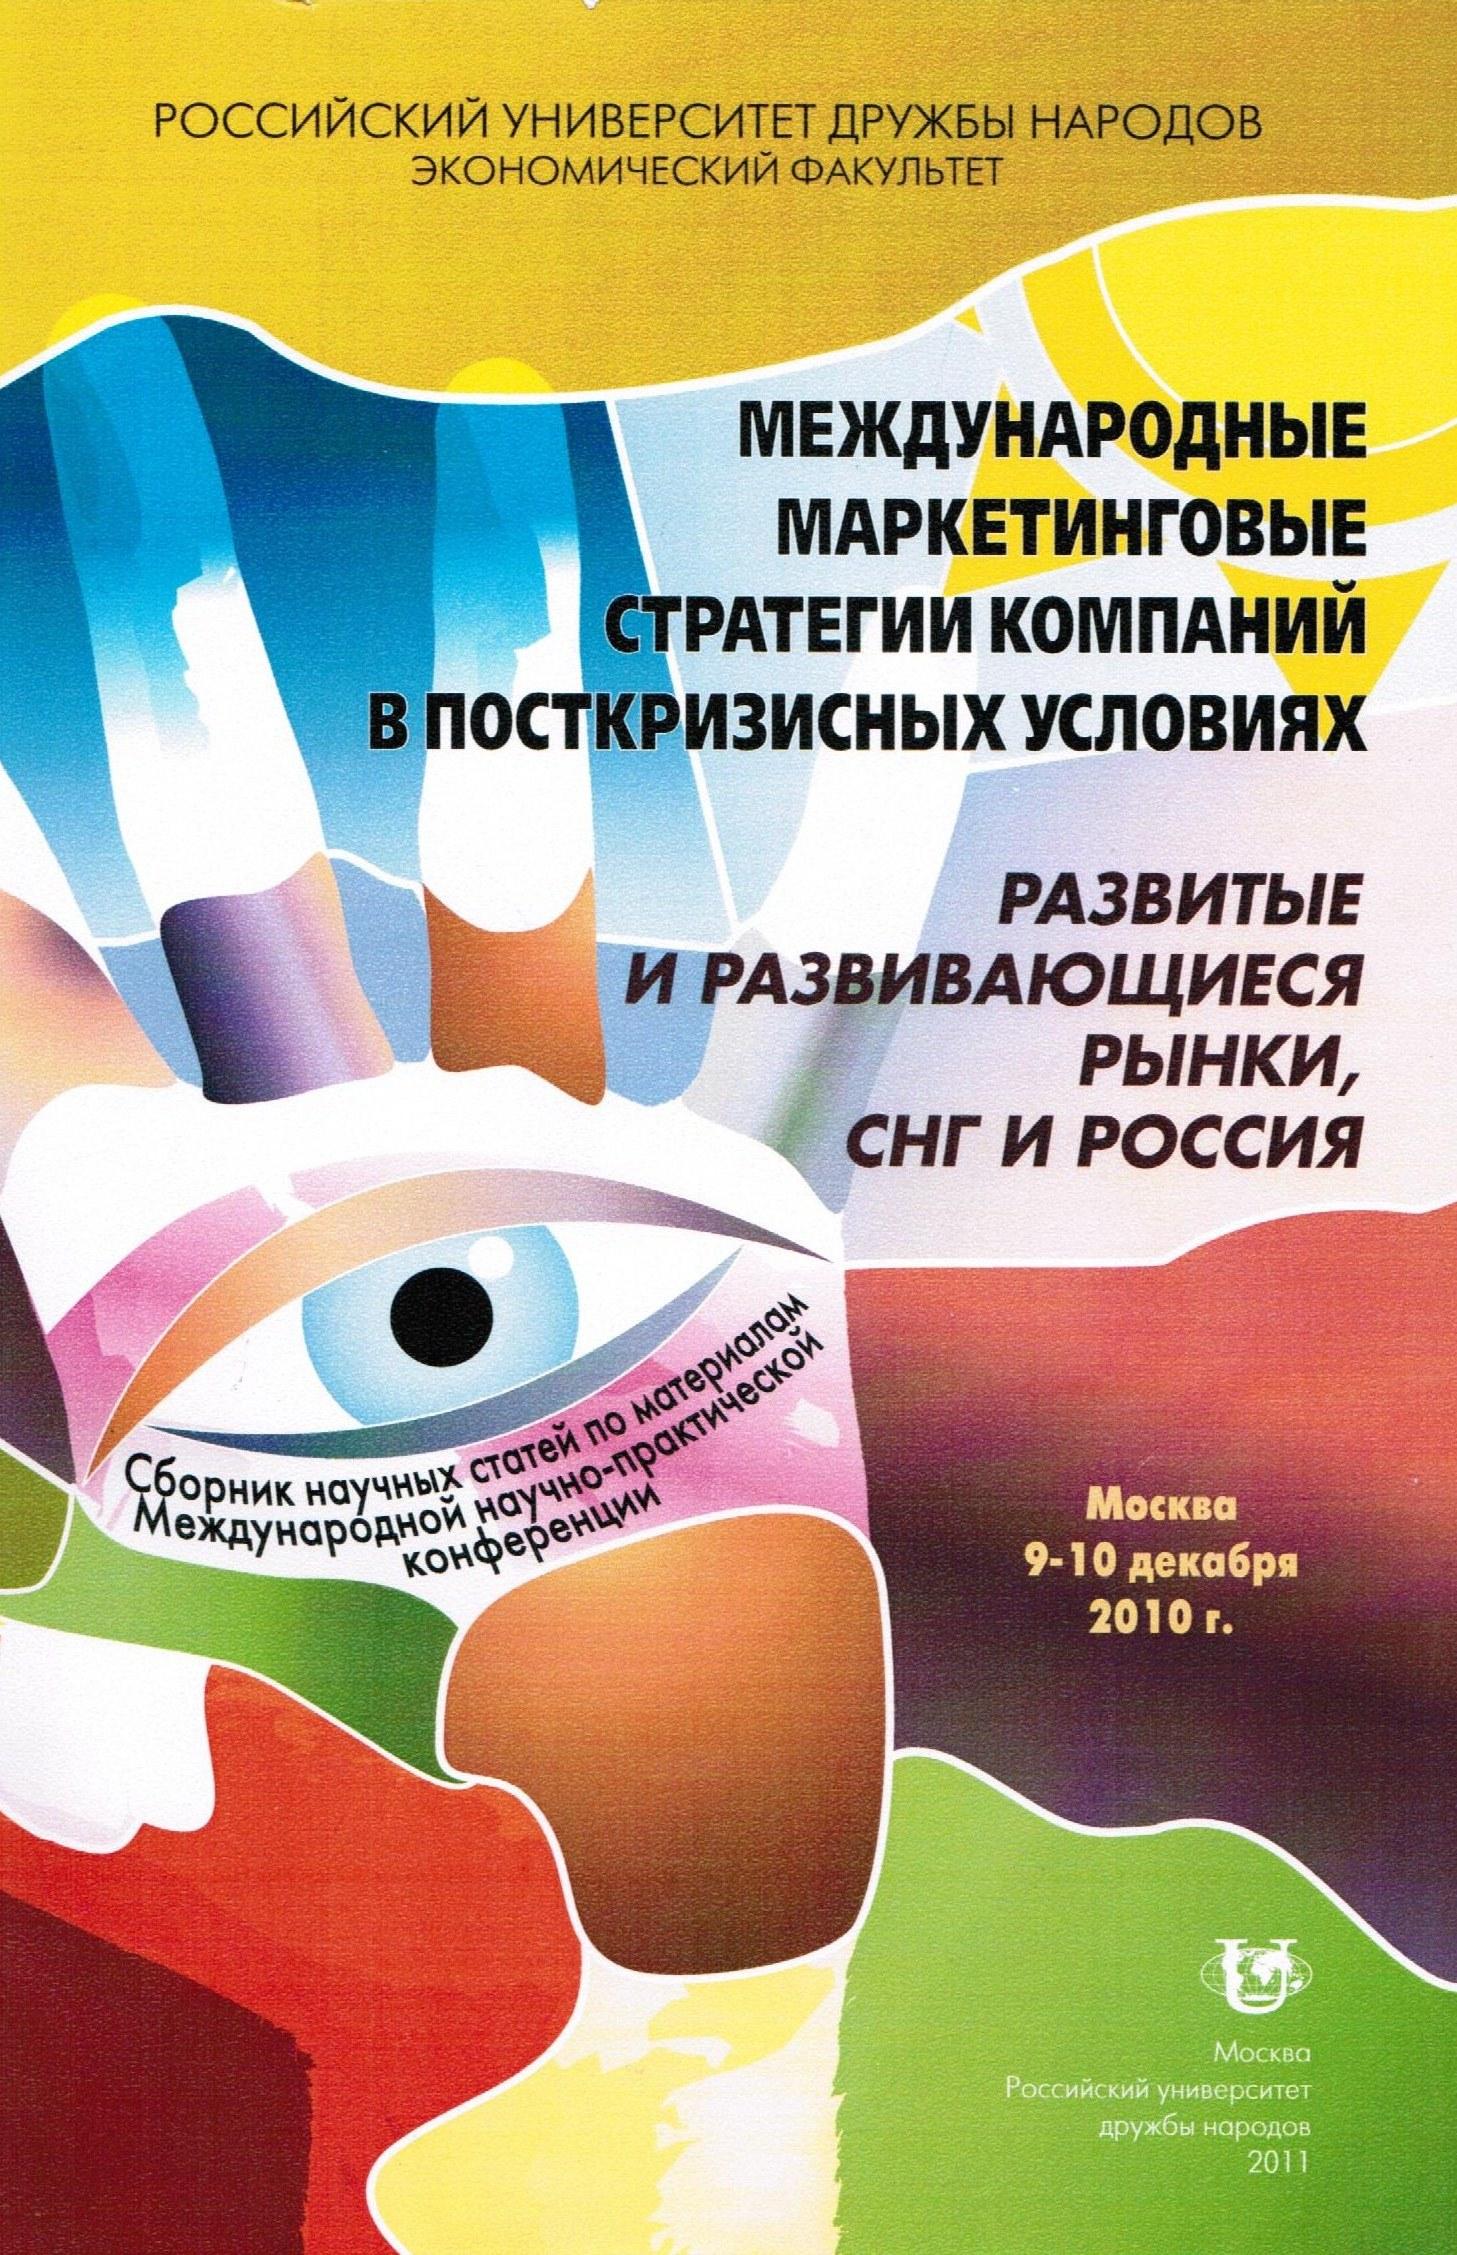 Россия - ЕС: инвестиционное взаимодействие в третичном секторе